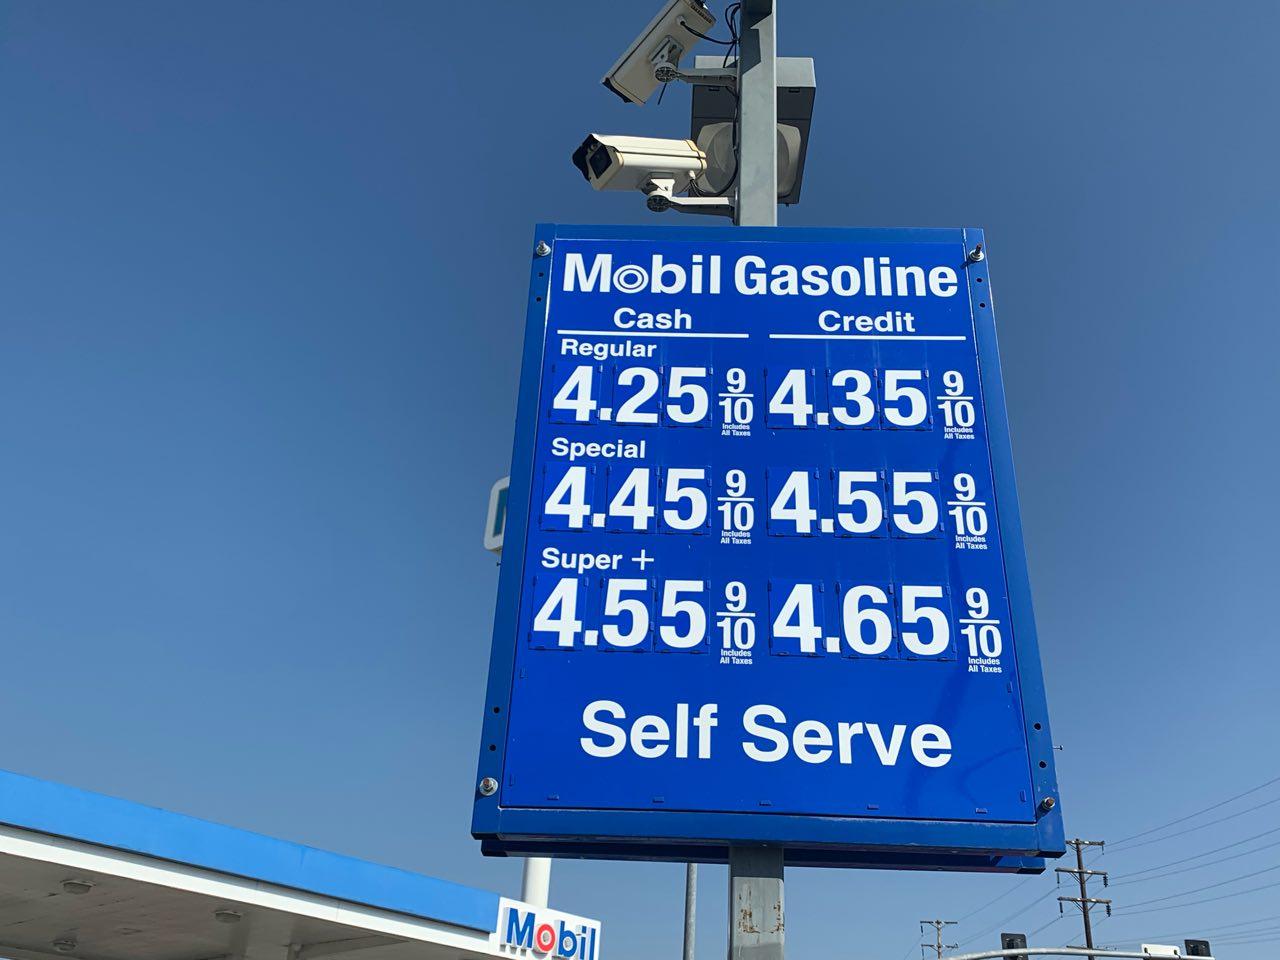 全美庫存增加 加州油價仍續漲